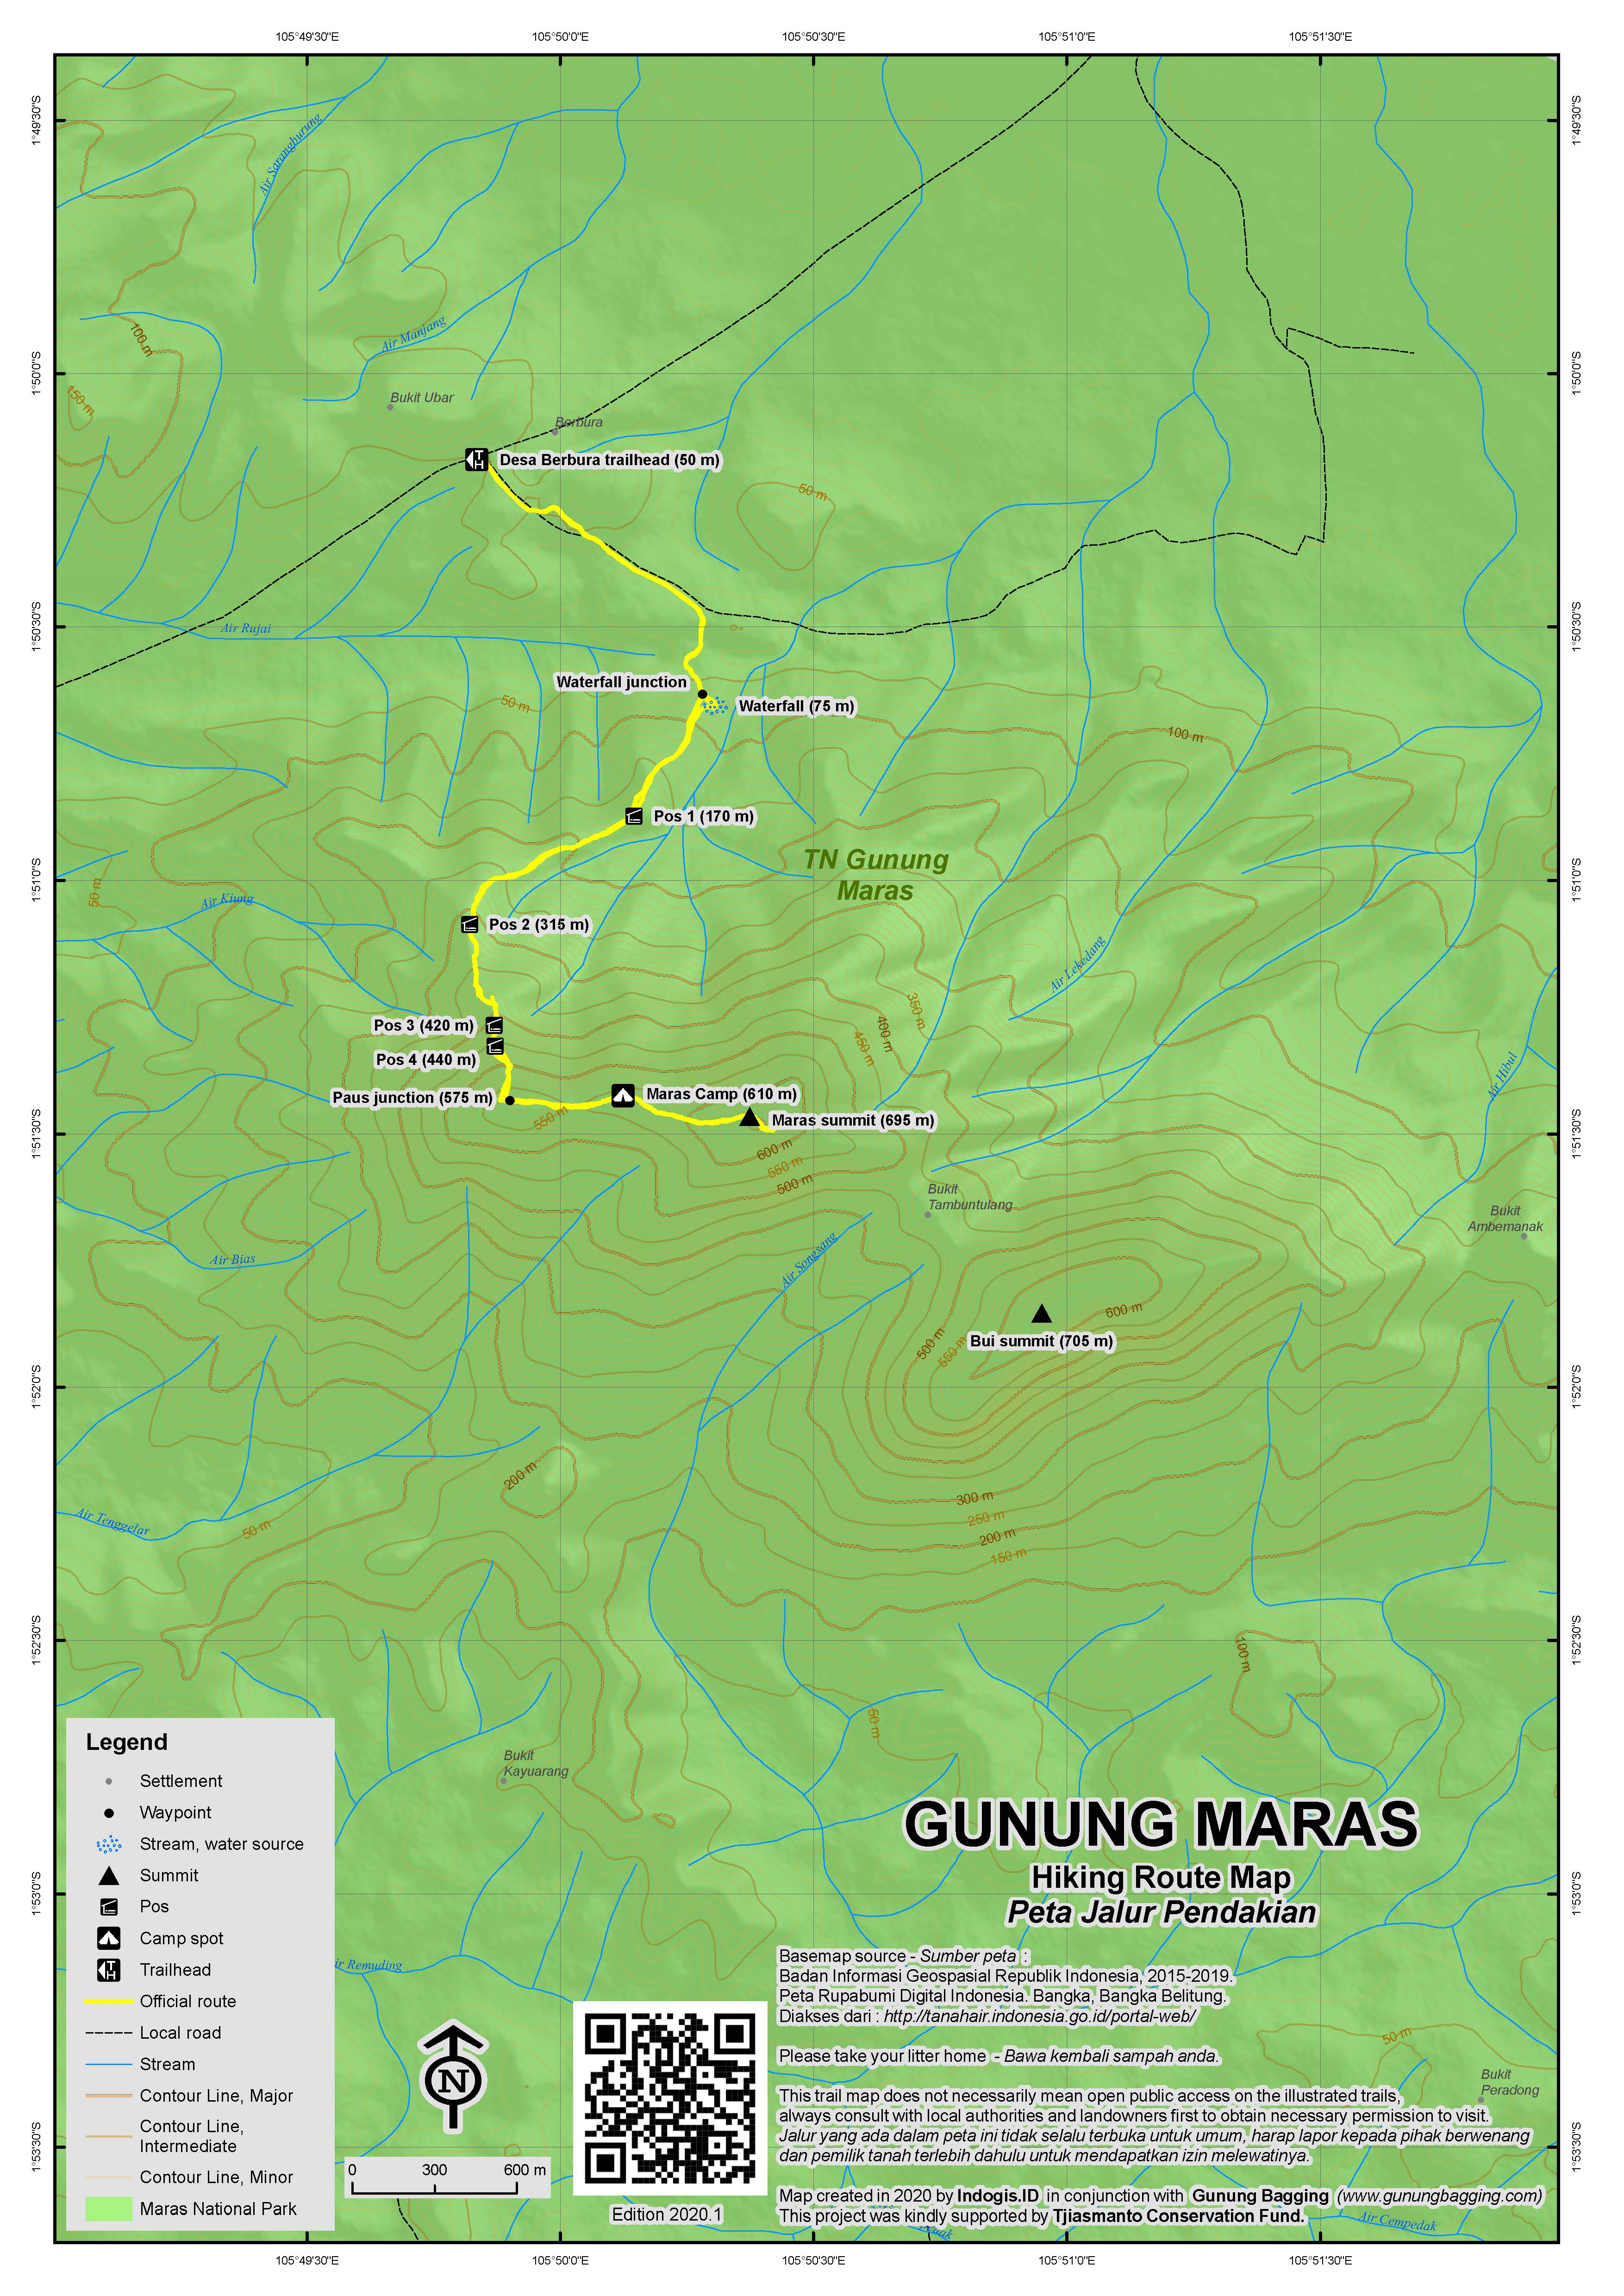 Peta Jalur Pendakian Gunung Maras